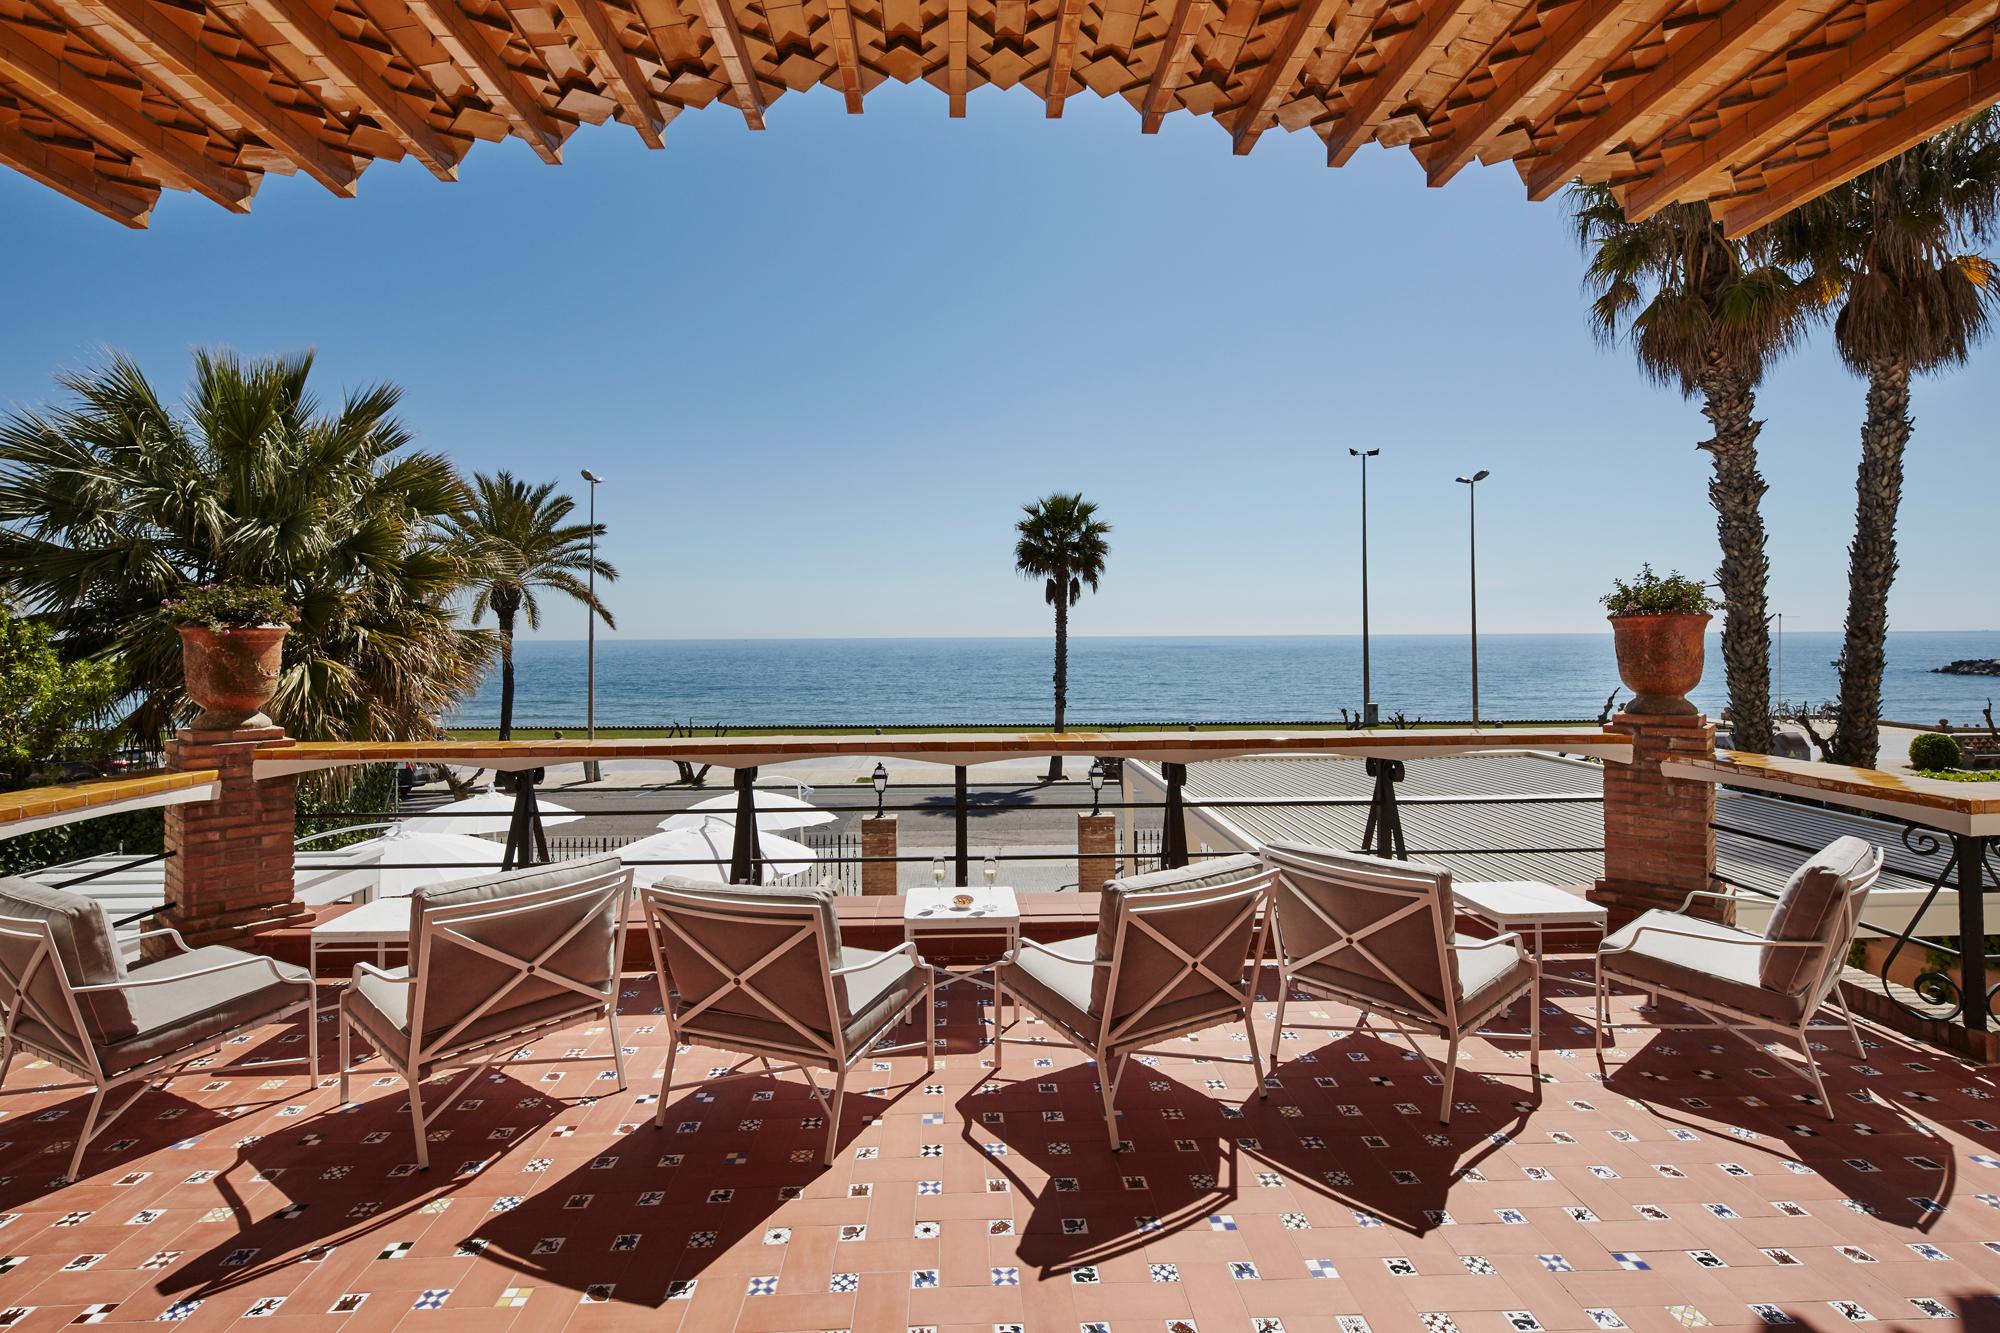 Hotel casa vilella in sitges official website - Casa vilella sitges ...